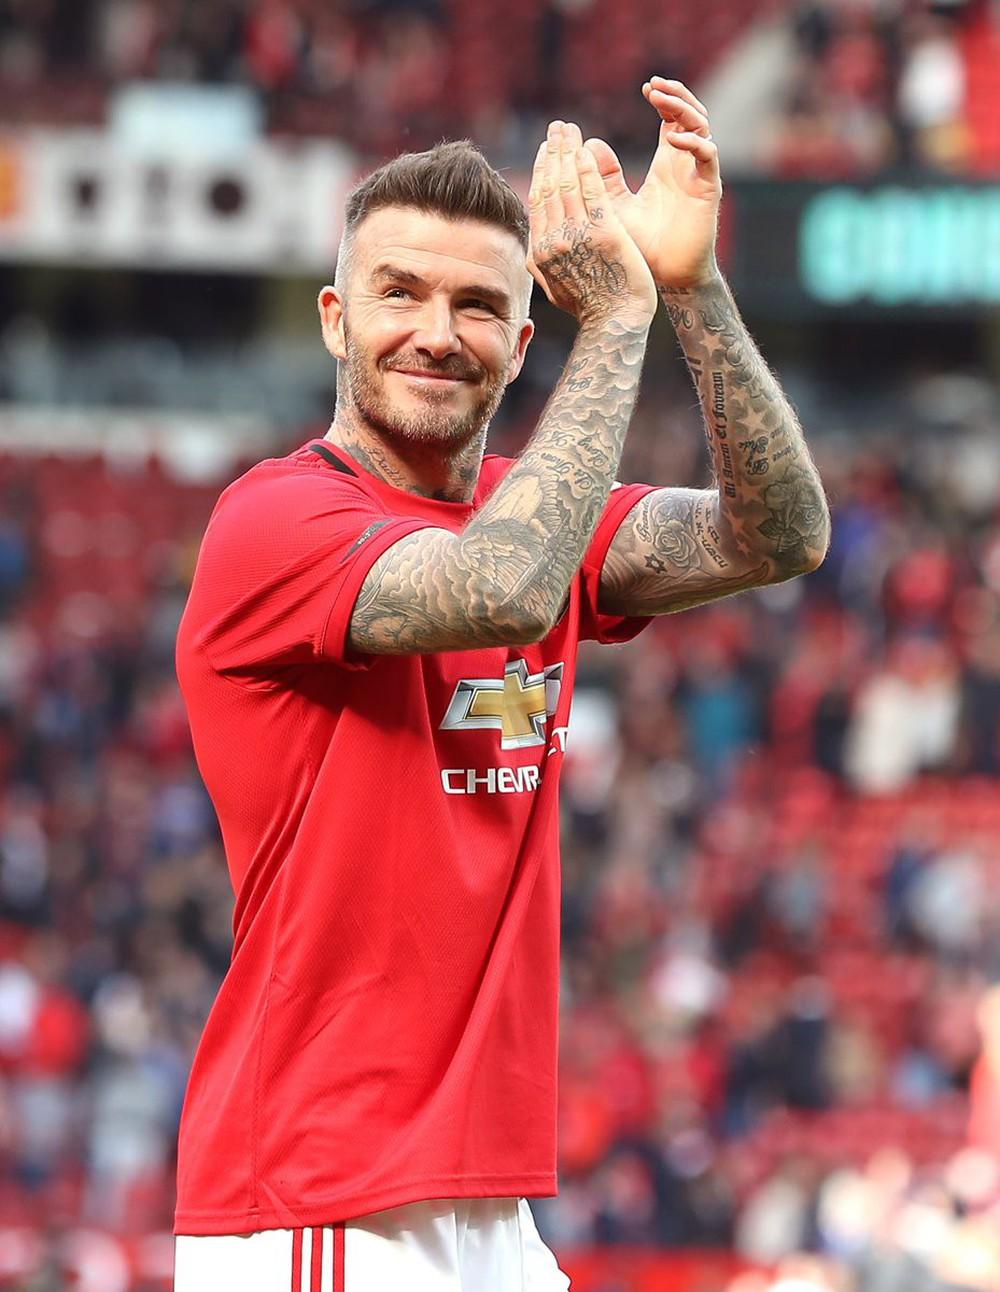 Ngất ngây trước những hình ảnh đẹp long lanh của Beckham trong ngày trở lại thi đấu cho MU, tái hiện ký ức thanh xuân tươi đẹp của hàng chục triệu fan - Ảnh 12.